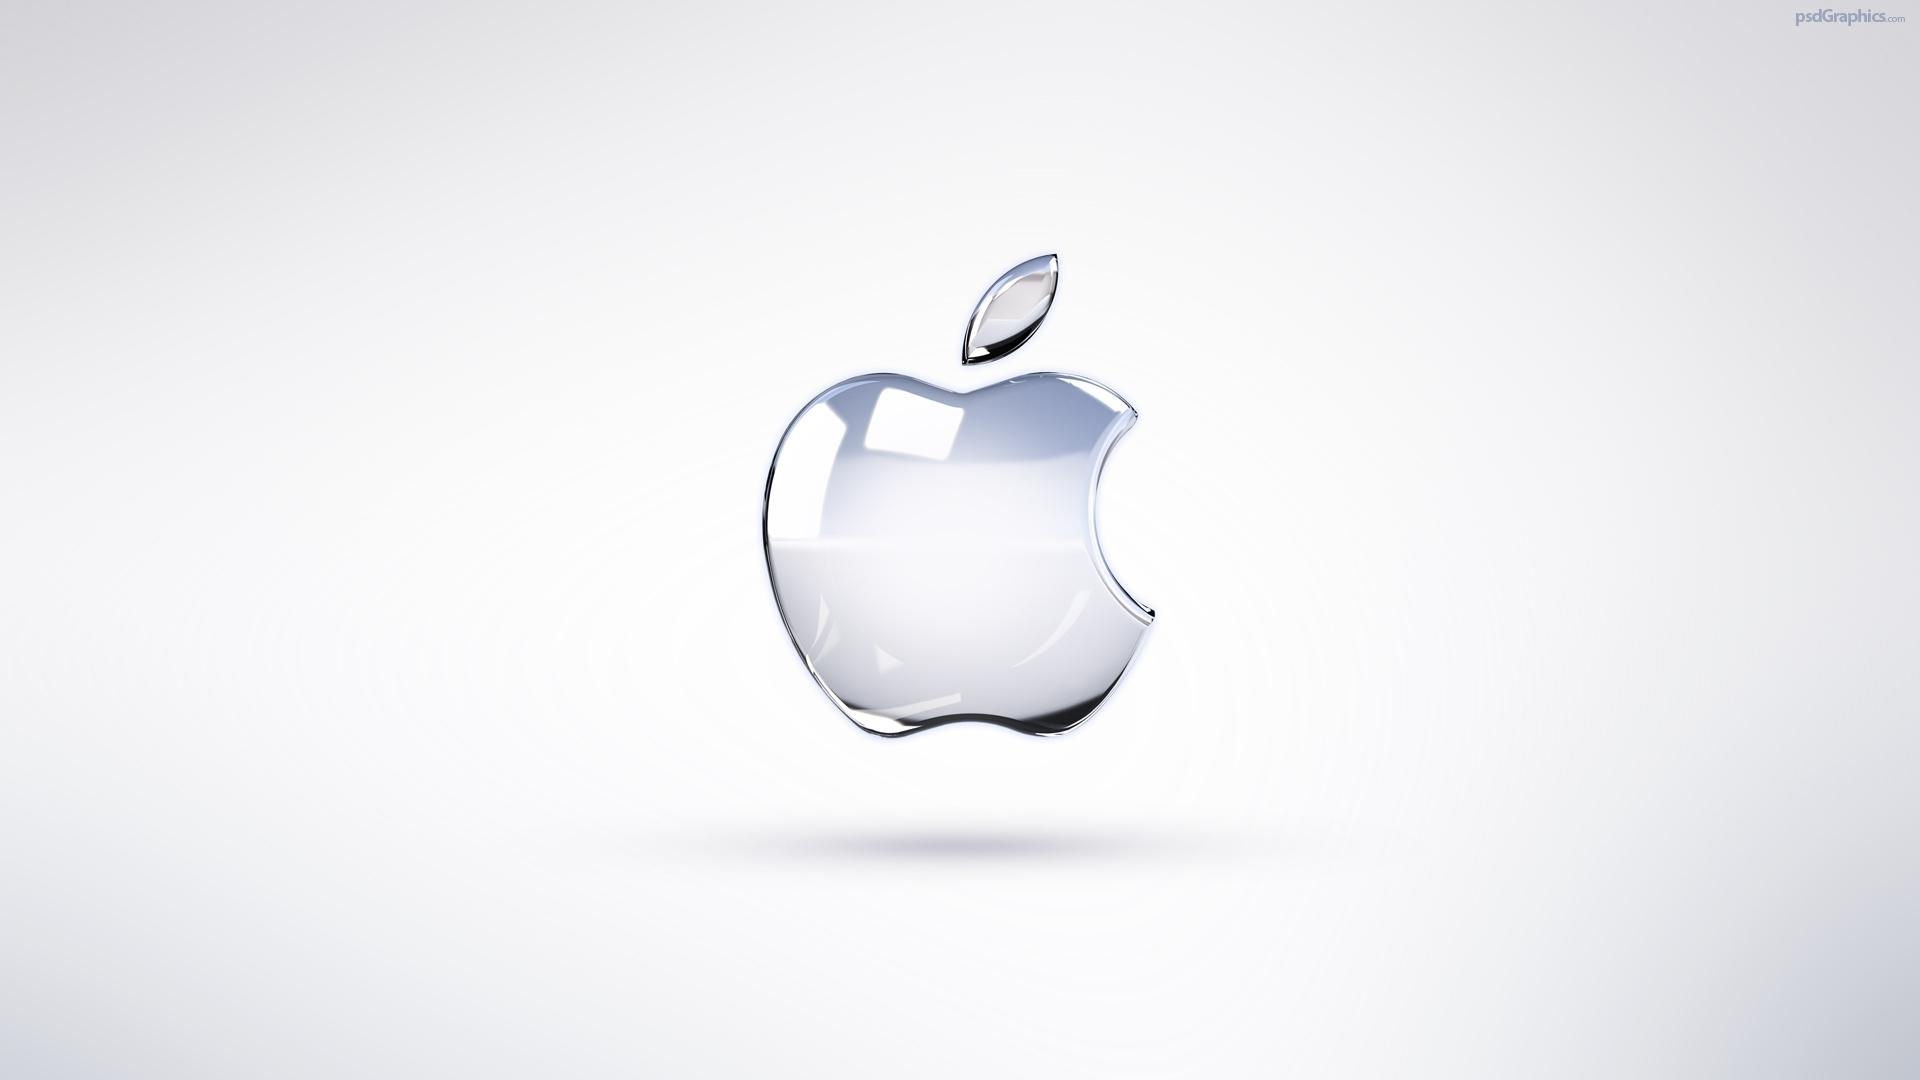 fonds d'écran apple hd